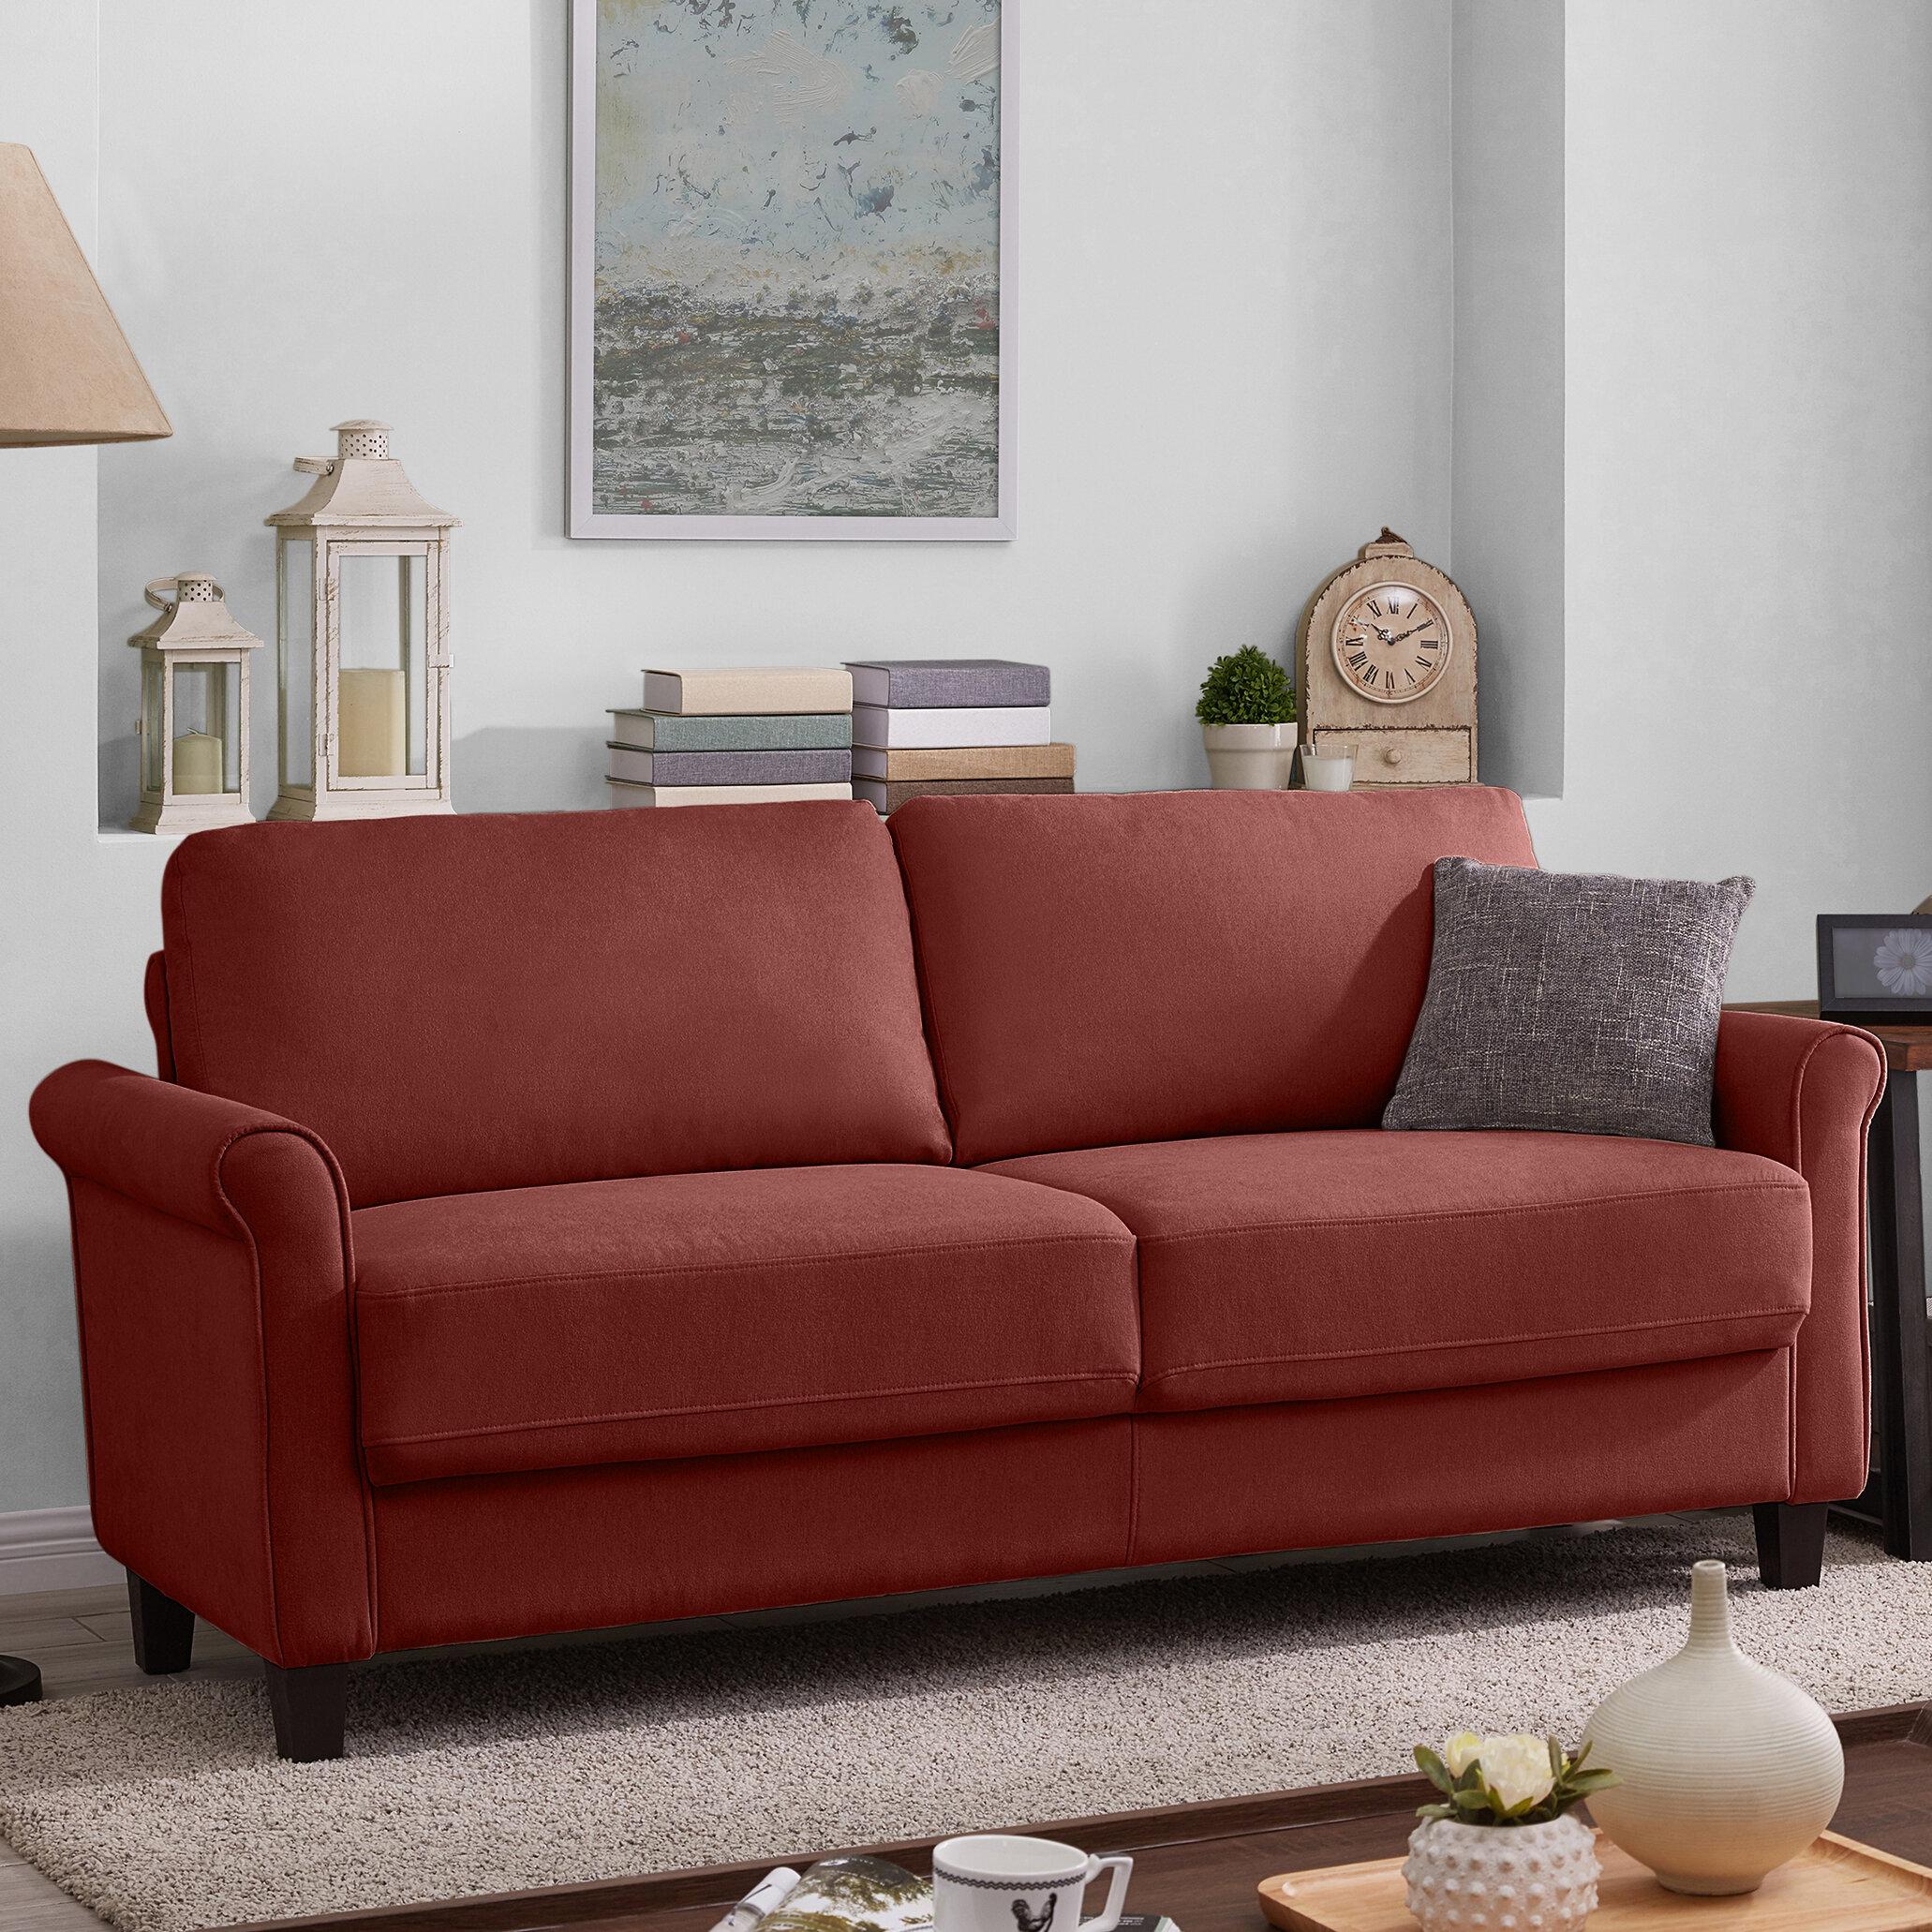 Admirable Centre Round Arm Storage Sofa In Plush Low Pile Velvet Inzonedesignstudio Interior Chair Design Inzonedesignstudiocom